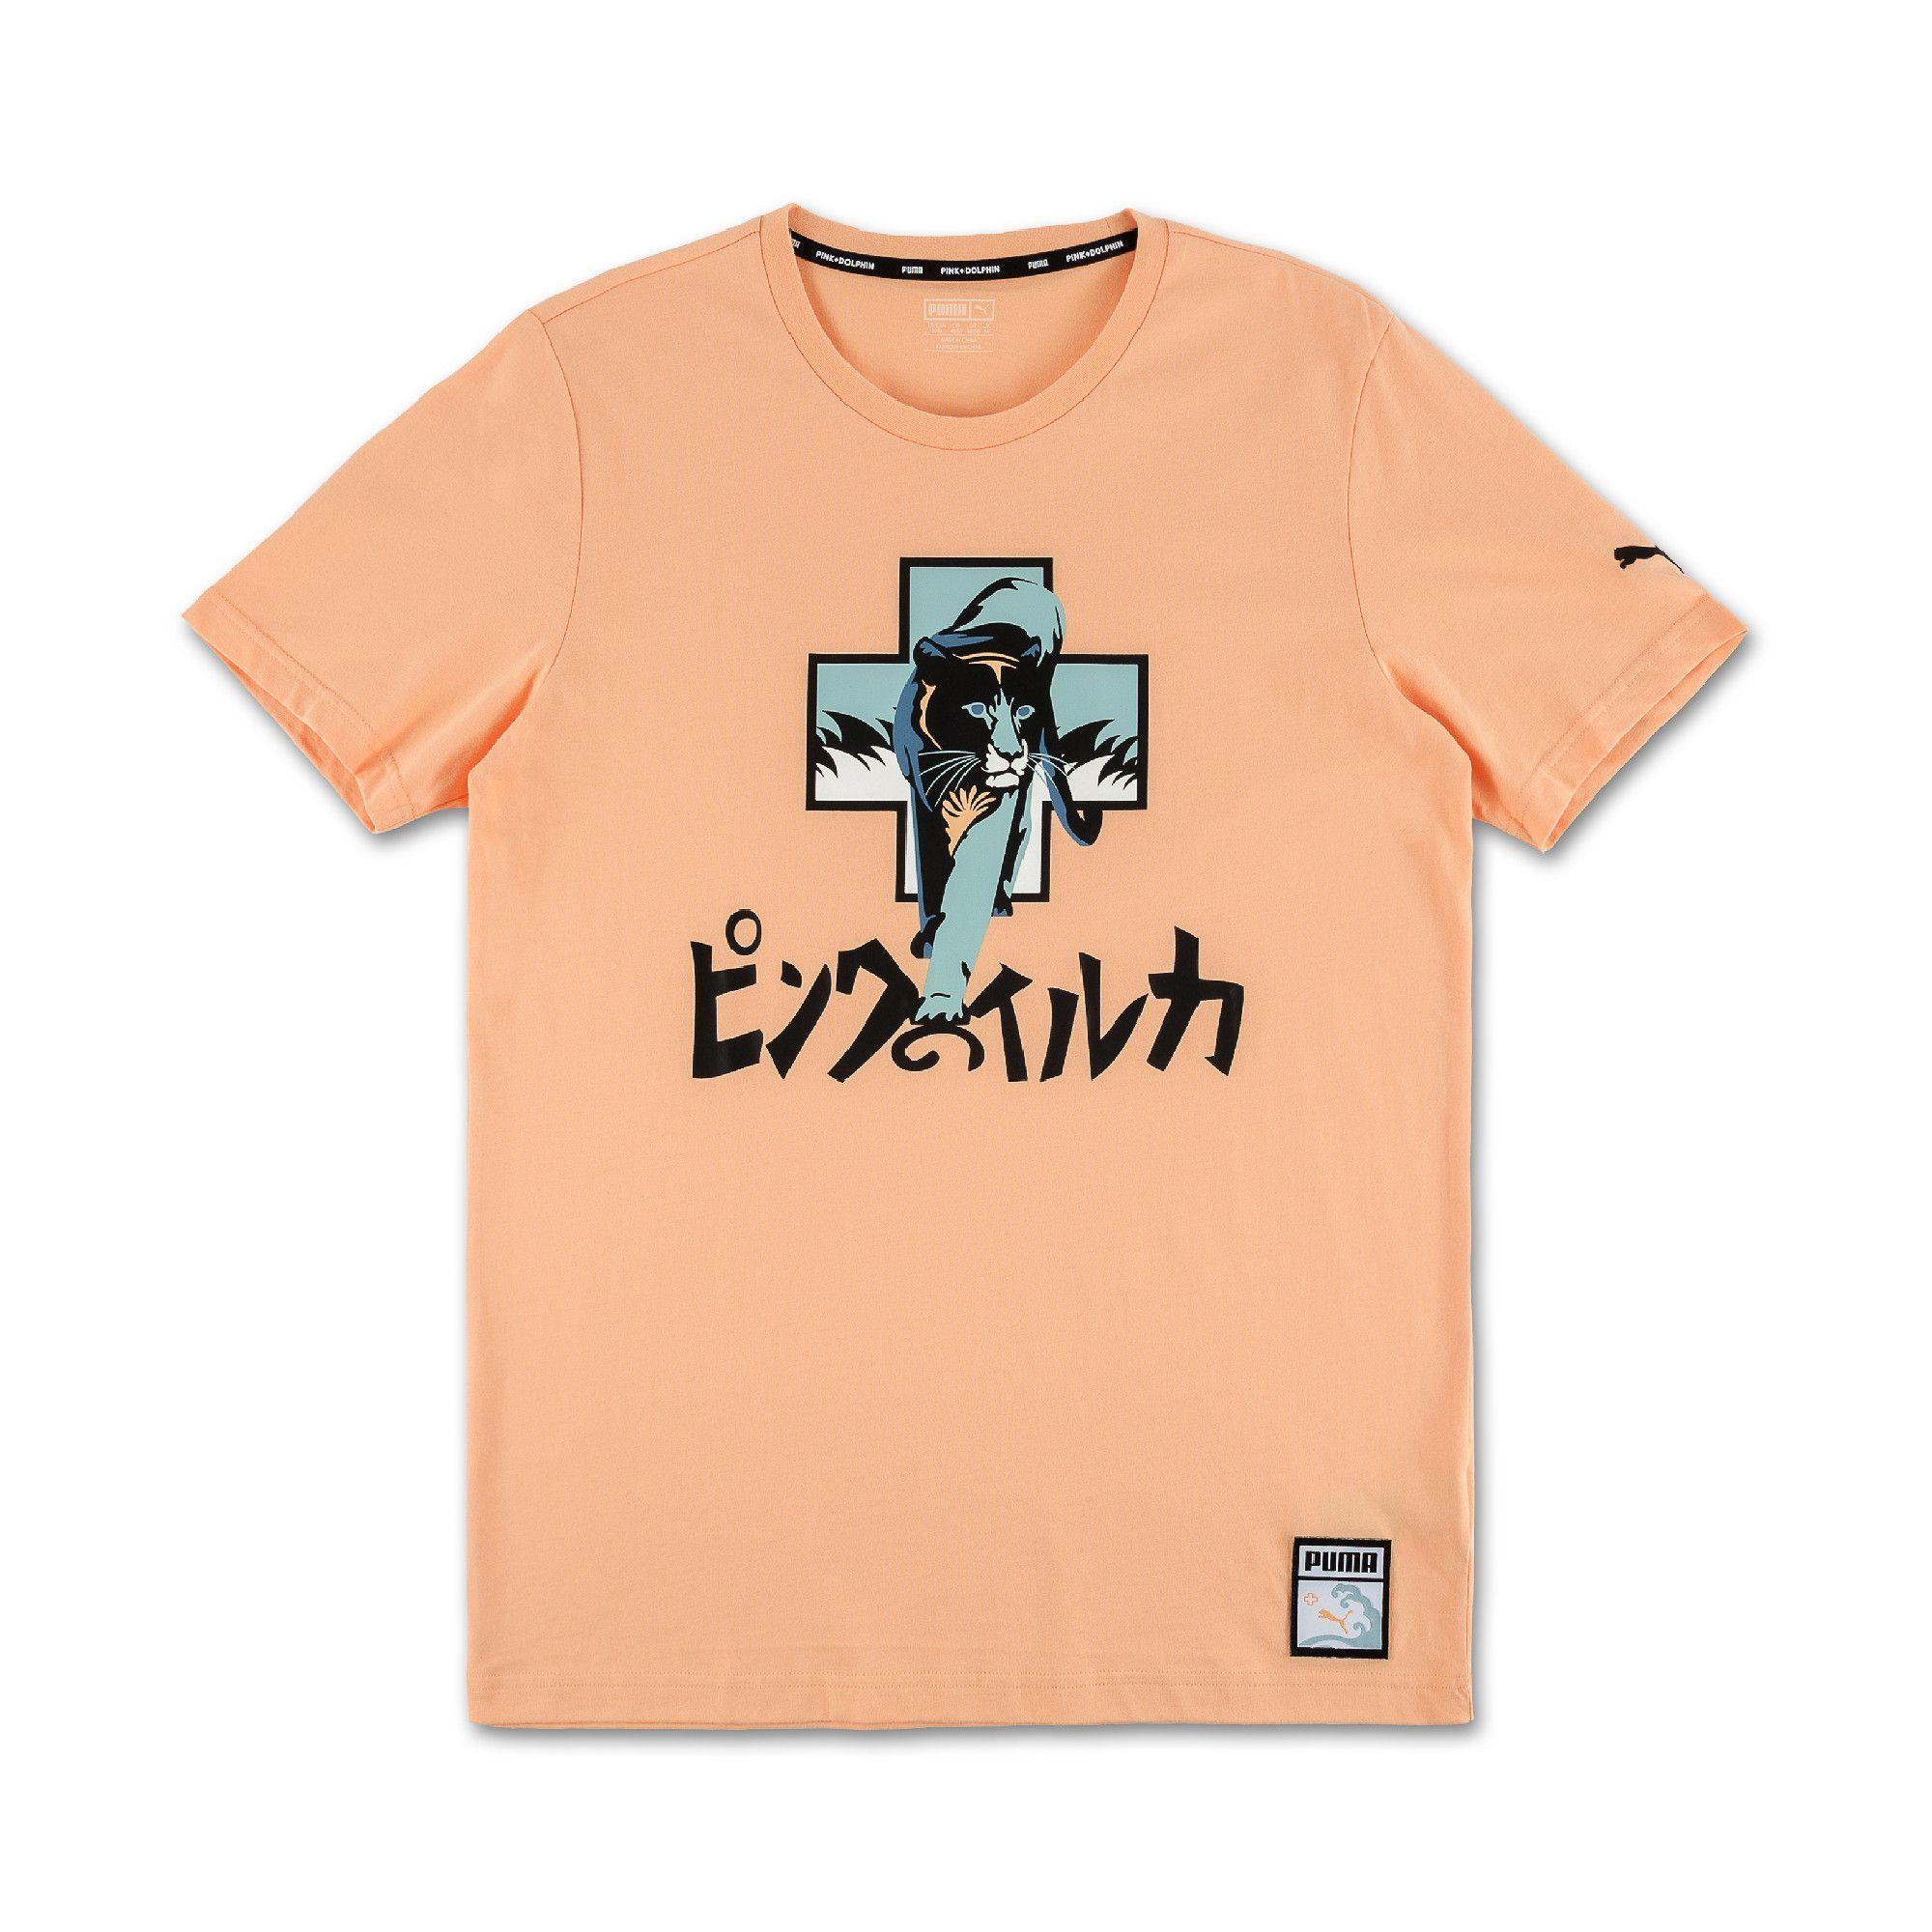 0318fcdb1f6c Pink Dolphin x PUMA® Promo Tee in Caramel CrËme